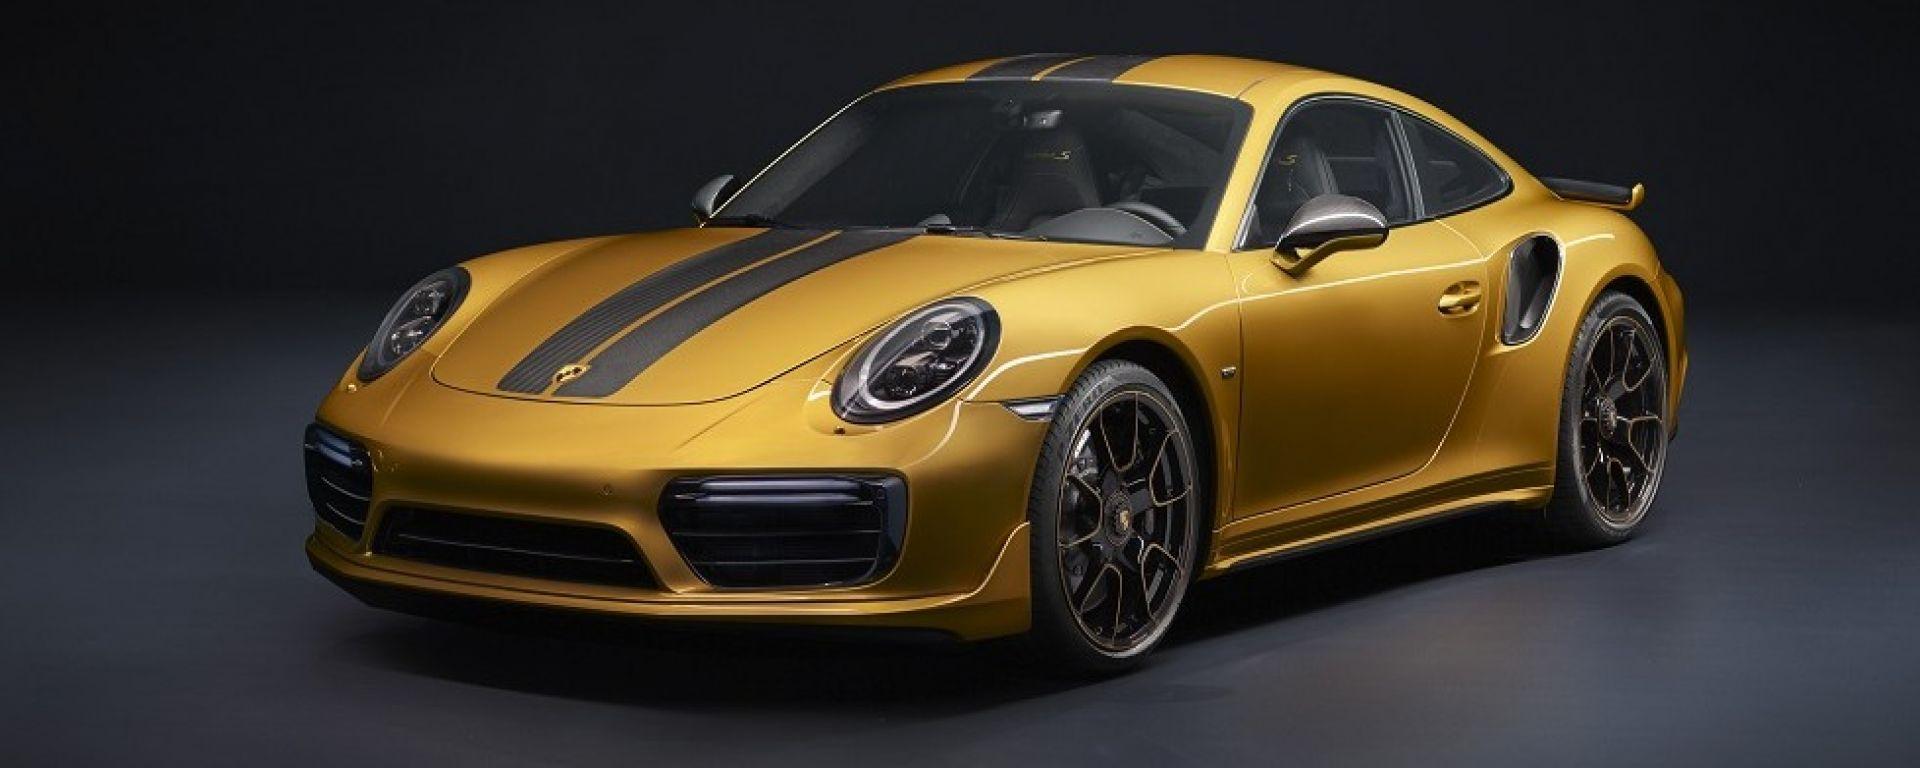 Porsche 911 Turbo S Exclusive Series, vista tre quarti frontale